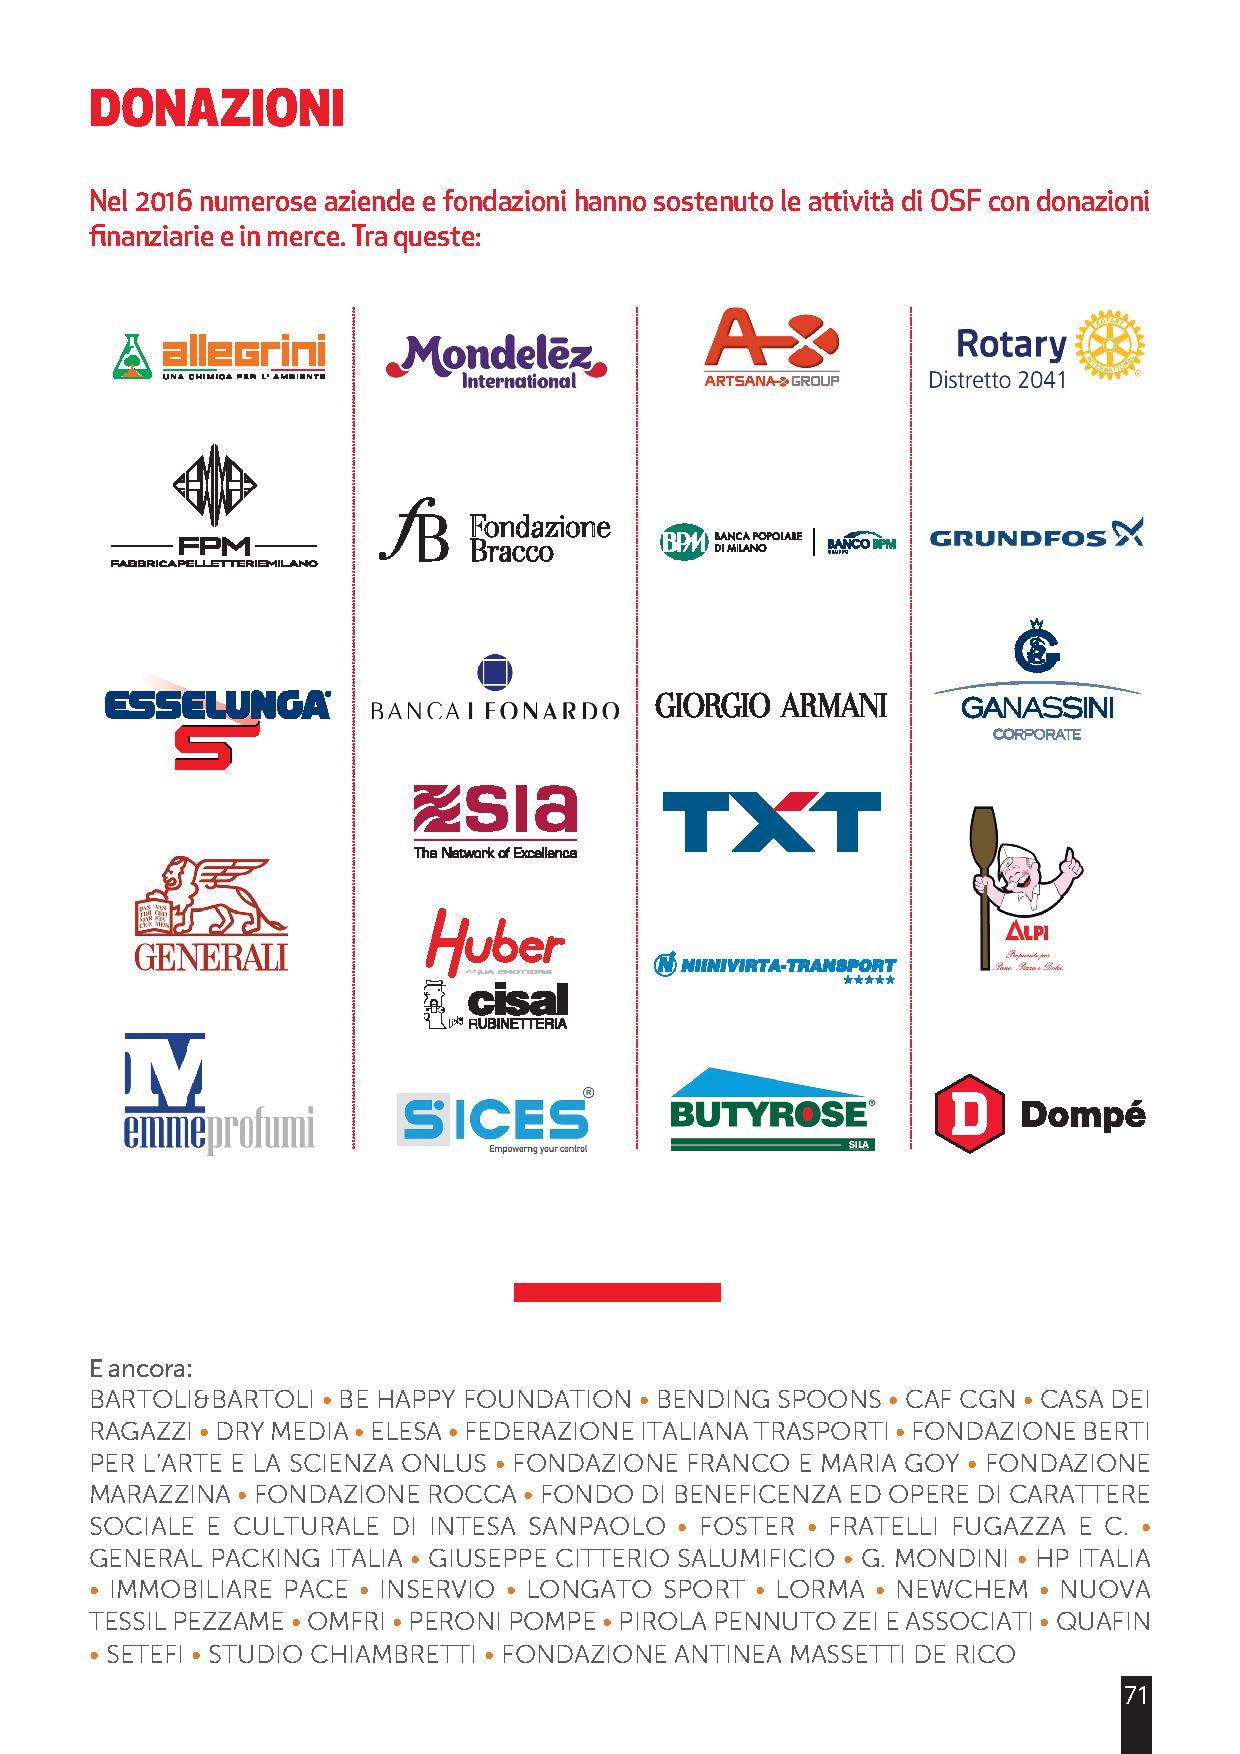 osf aziende sostenitrici